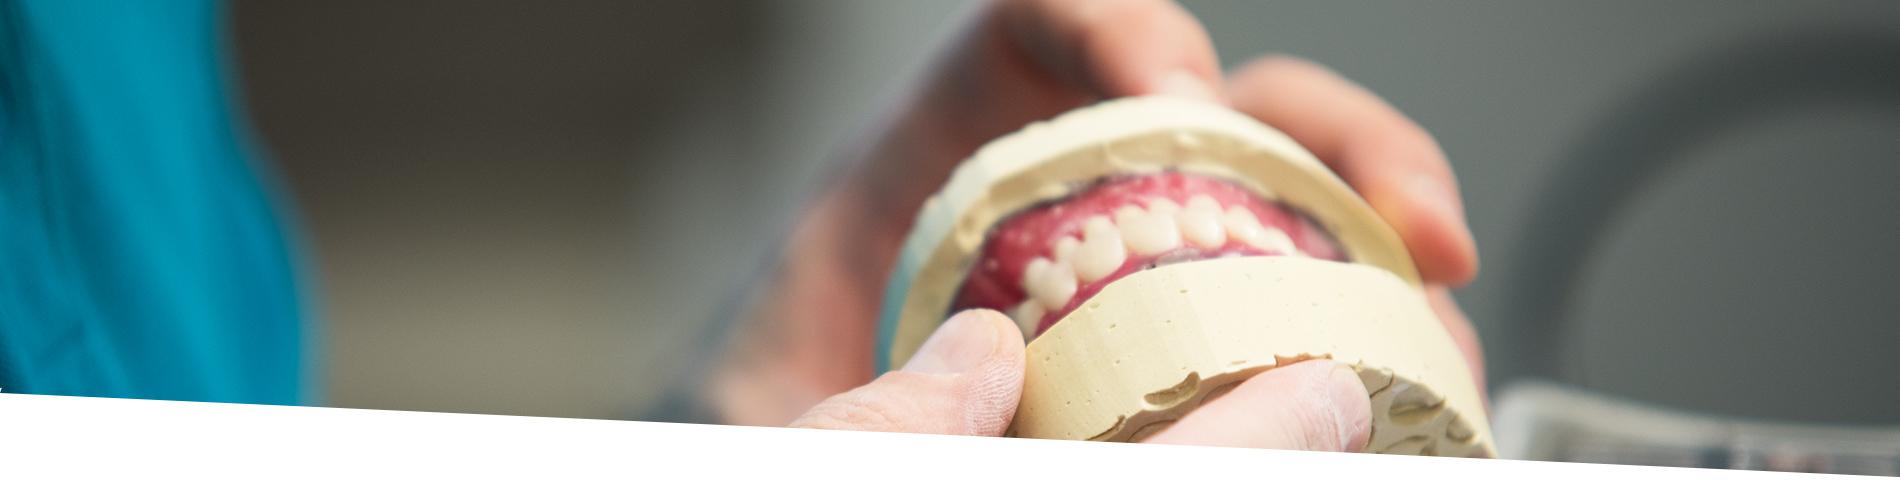 Protesi Mobile Dentale - Protesi Totali, Parziali e Schelettriche